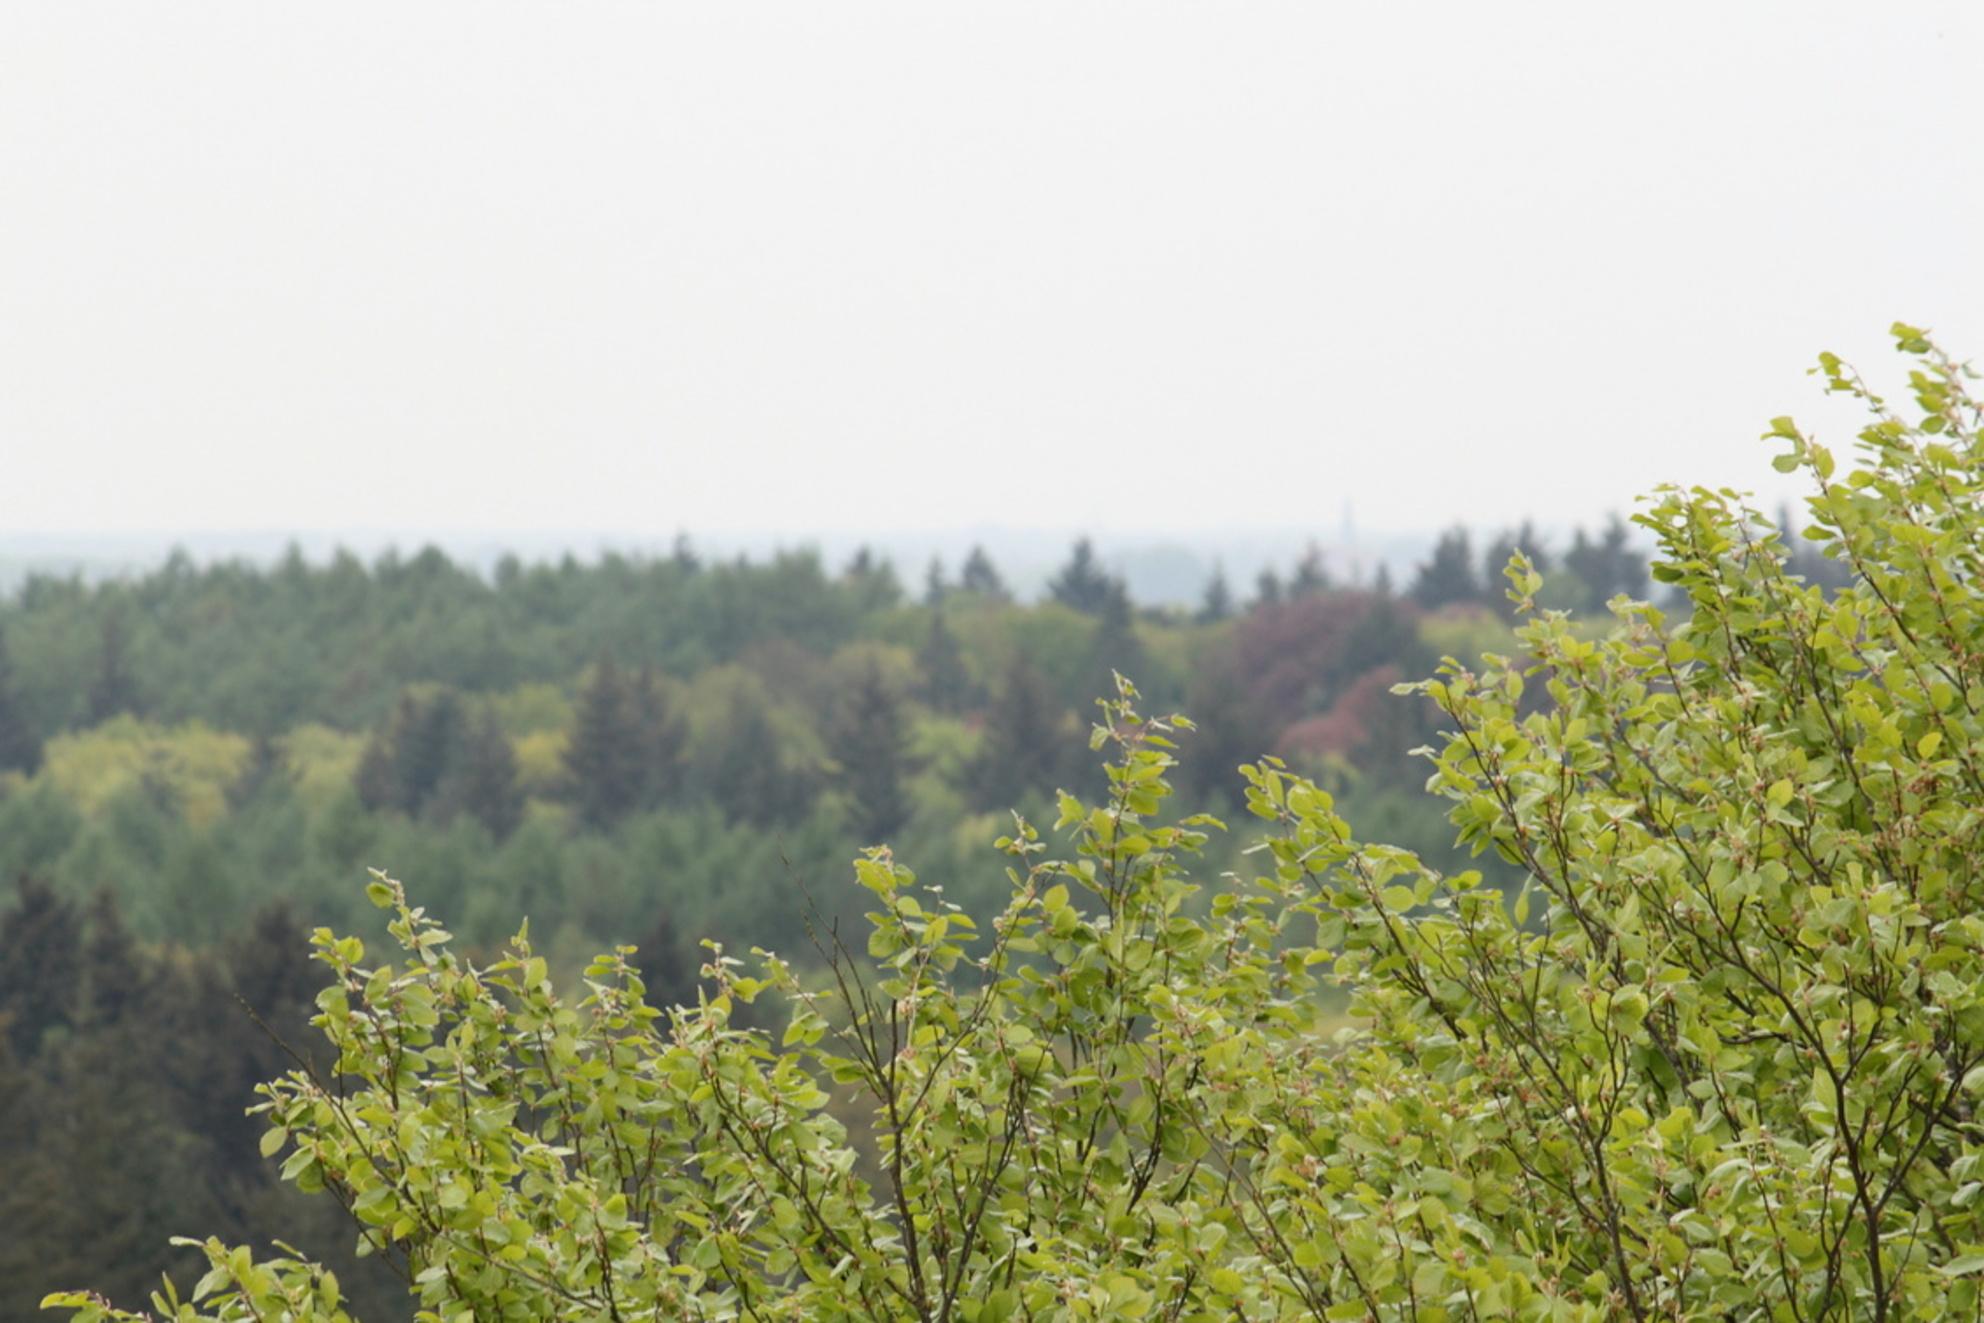 View from the top - Heel hoog, heel ver kunnen kijken vanaf de Lunterse boomtoppen...heerlijk! - foto door MisterJoost op 30-04-2009 - deze foto bevat: boom, bos, lunteren, boomtop